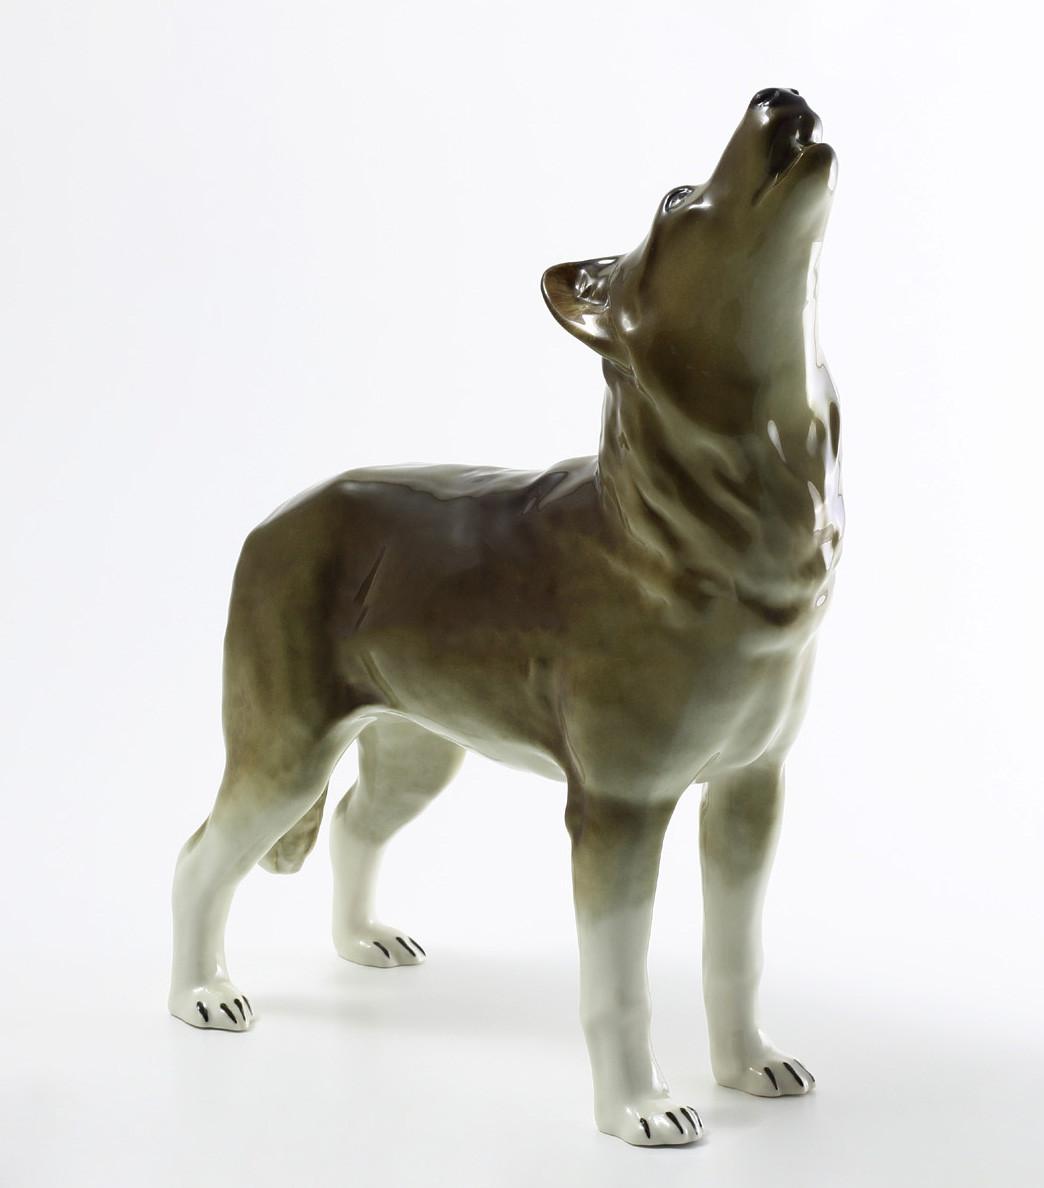 Фарфоровая скульптура Волк стоящий. Императорский фарфор